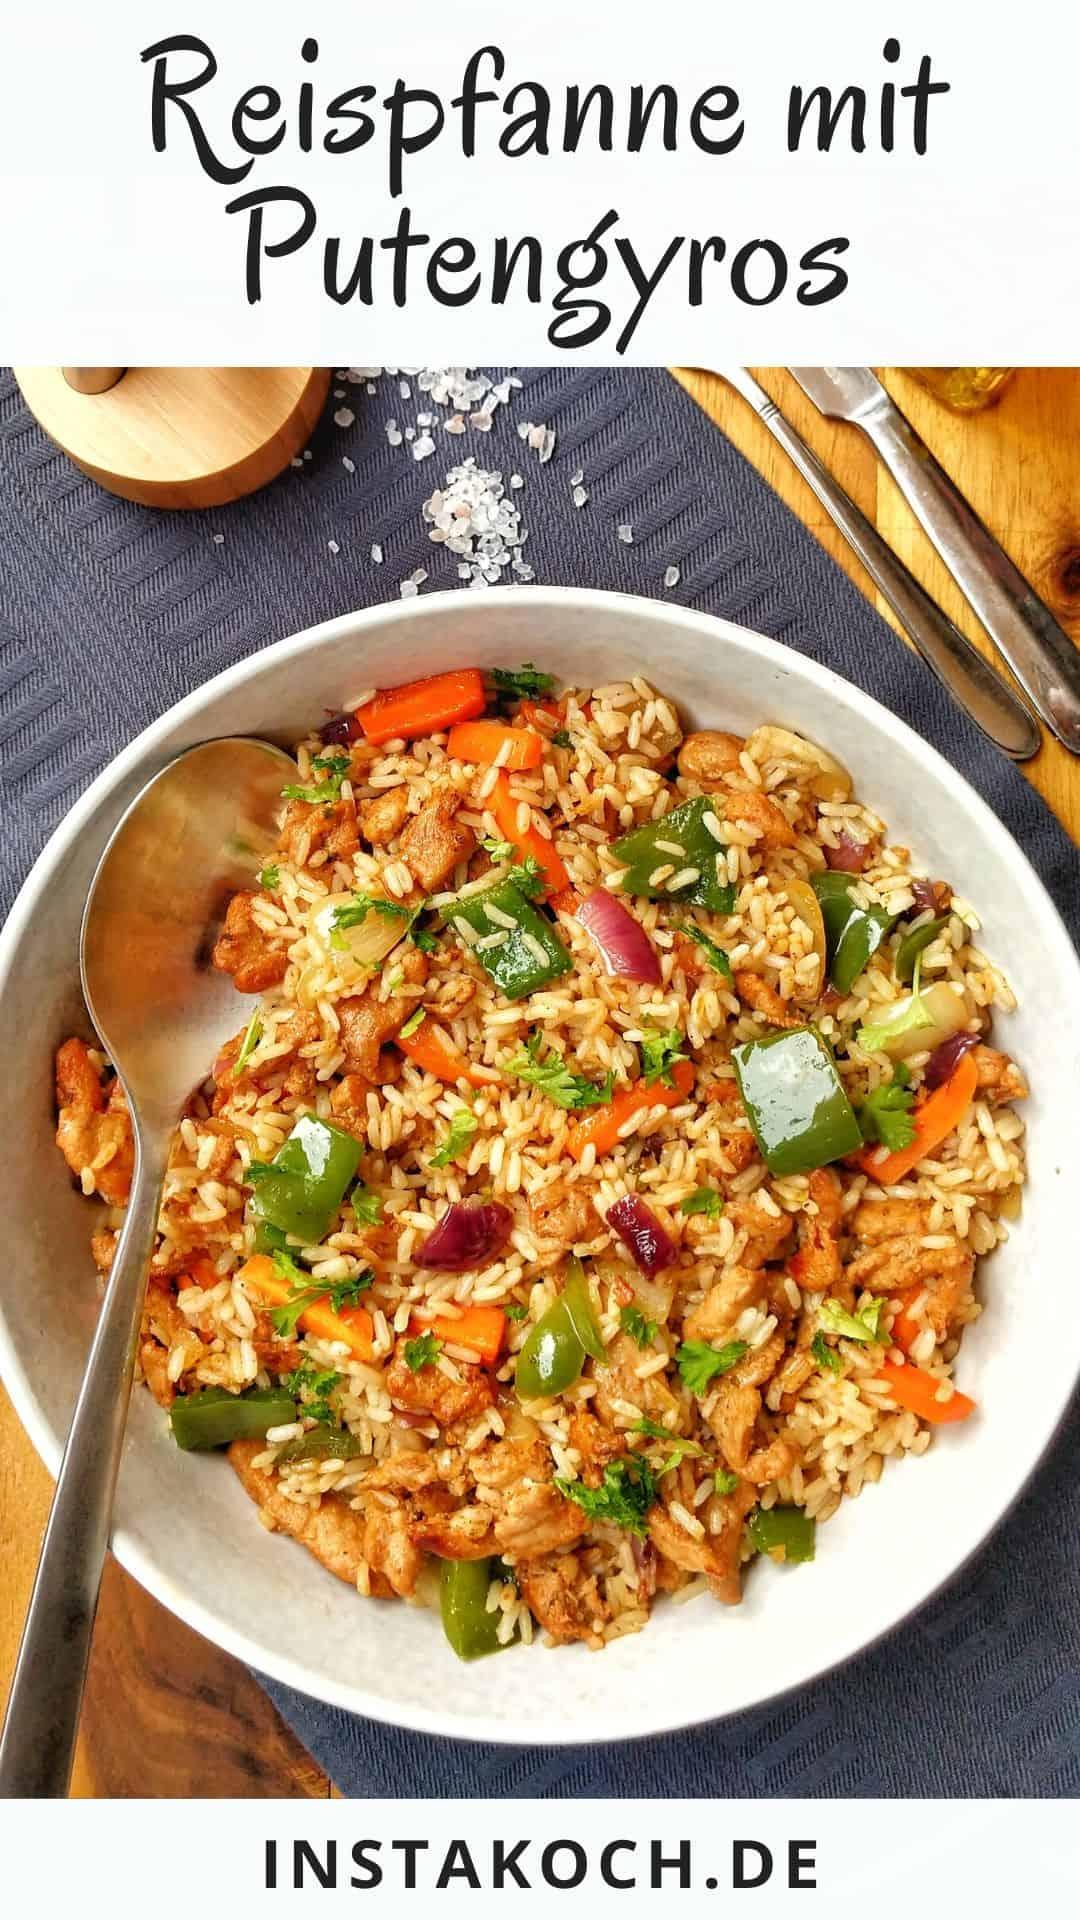 Eine Schüssel mit Reis und Putengyros